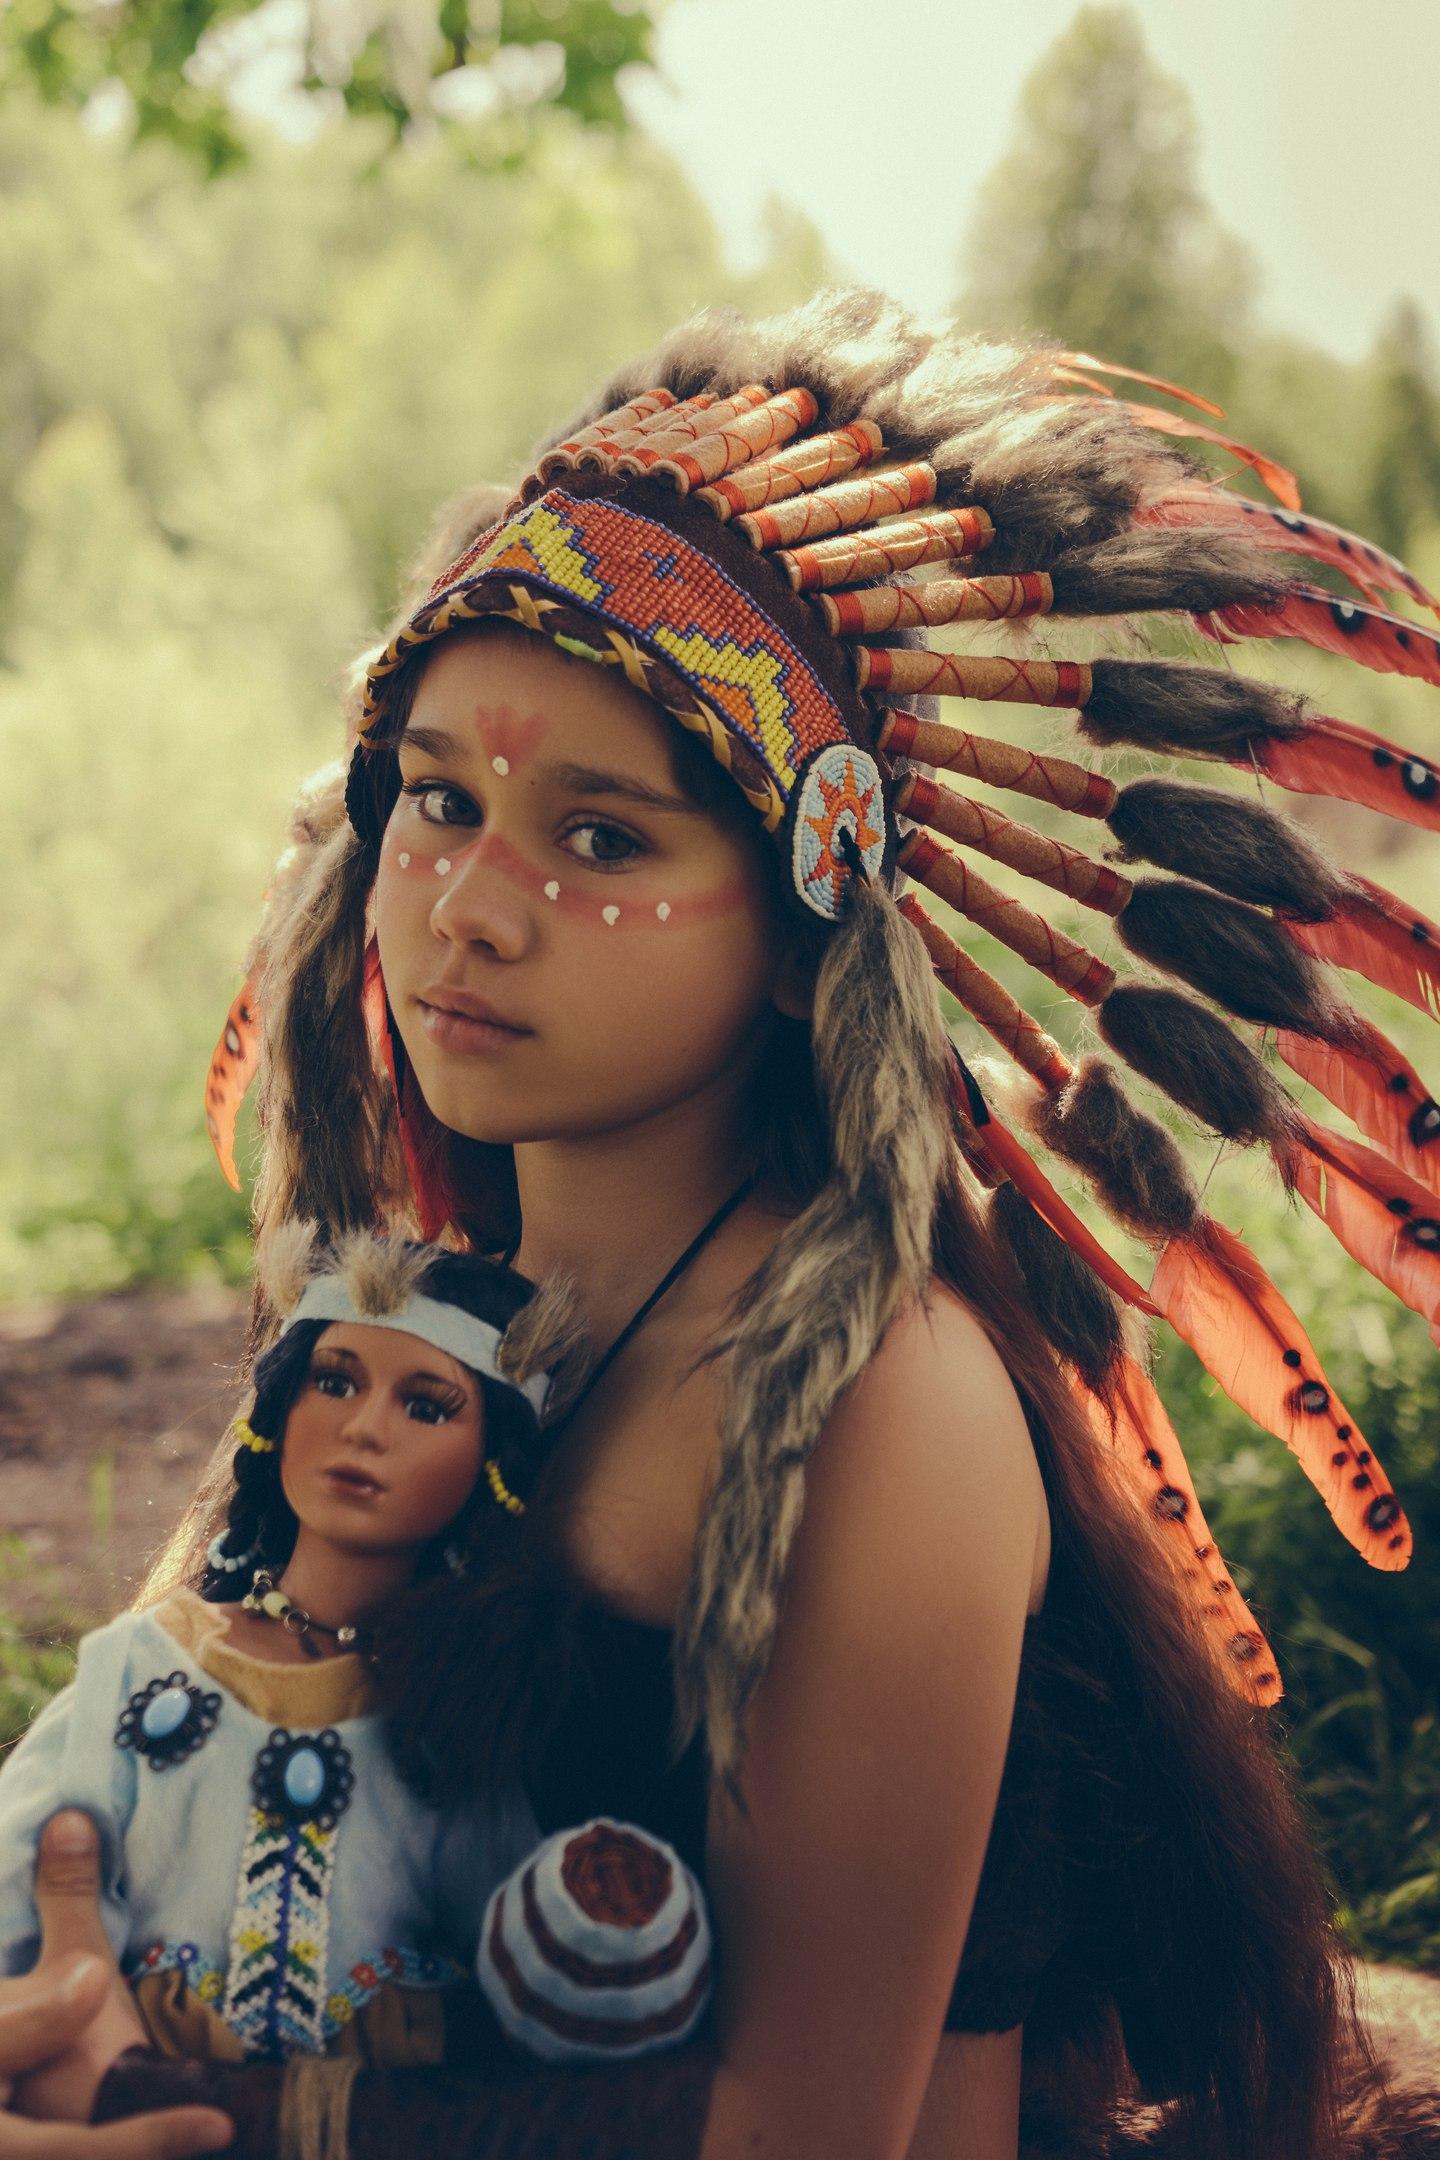 Играем в индейцев. Читаем и играем